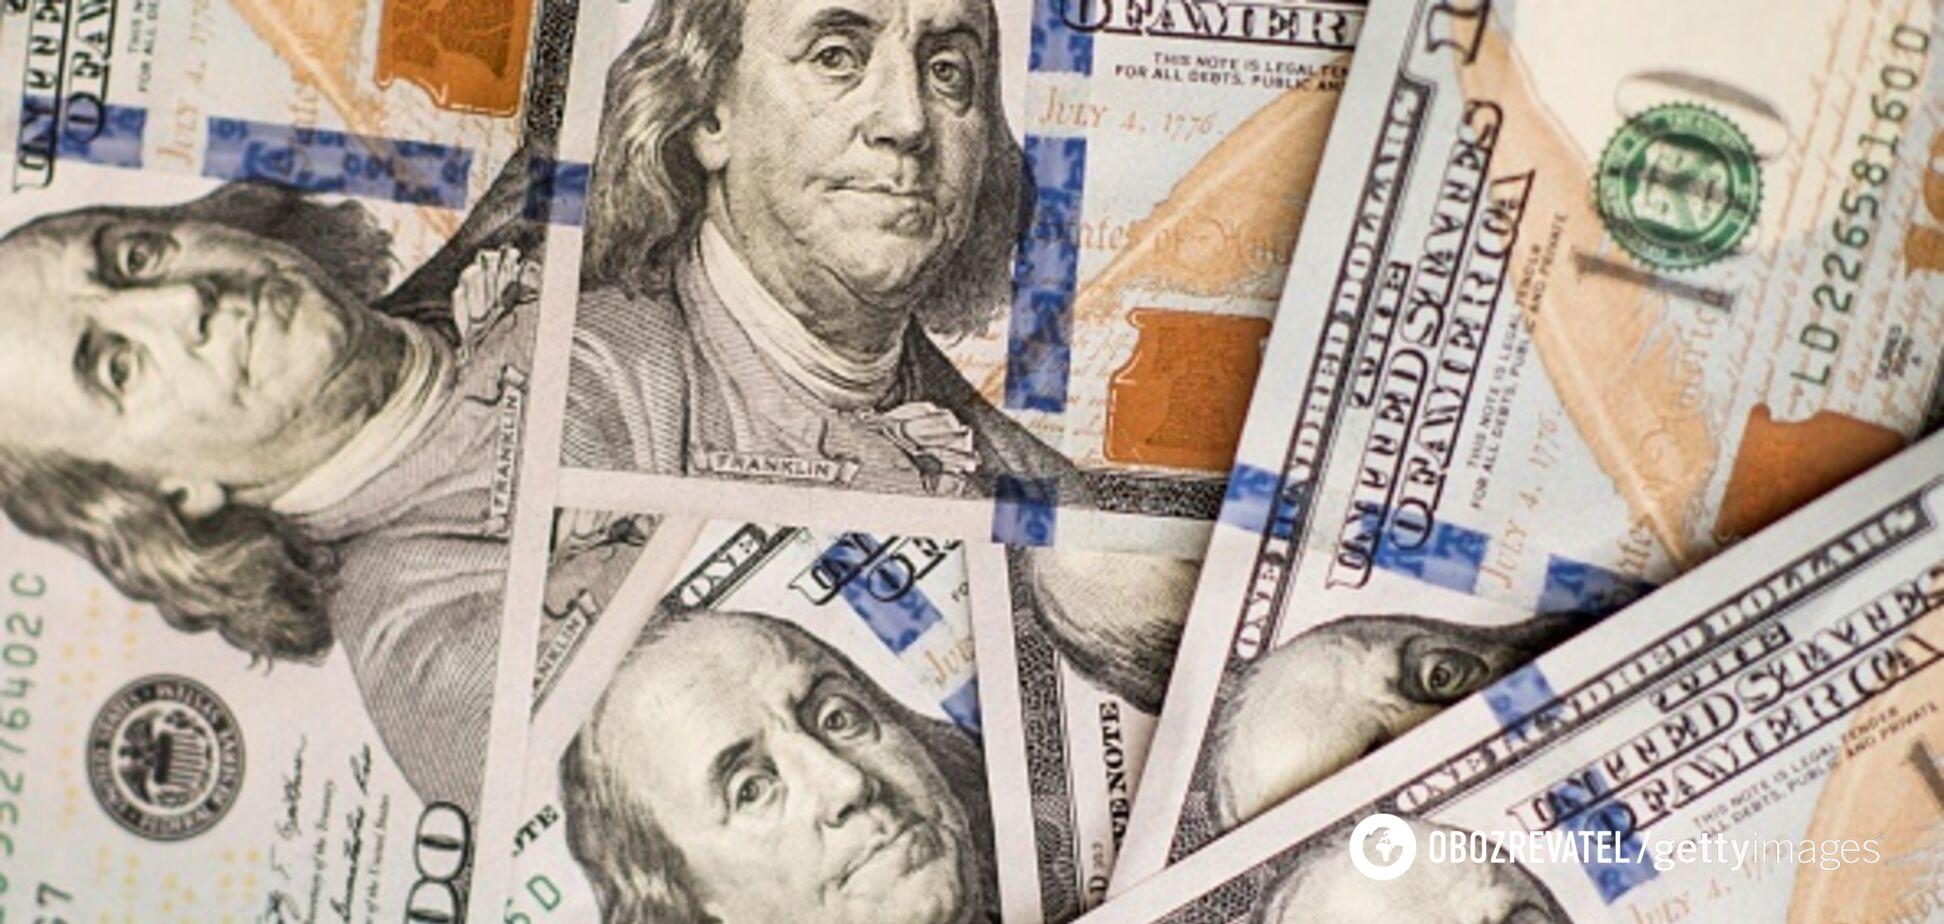 Обмен на почте и зарплата в долларах: раскрыты детали закона о валюте